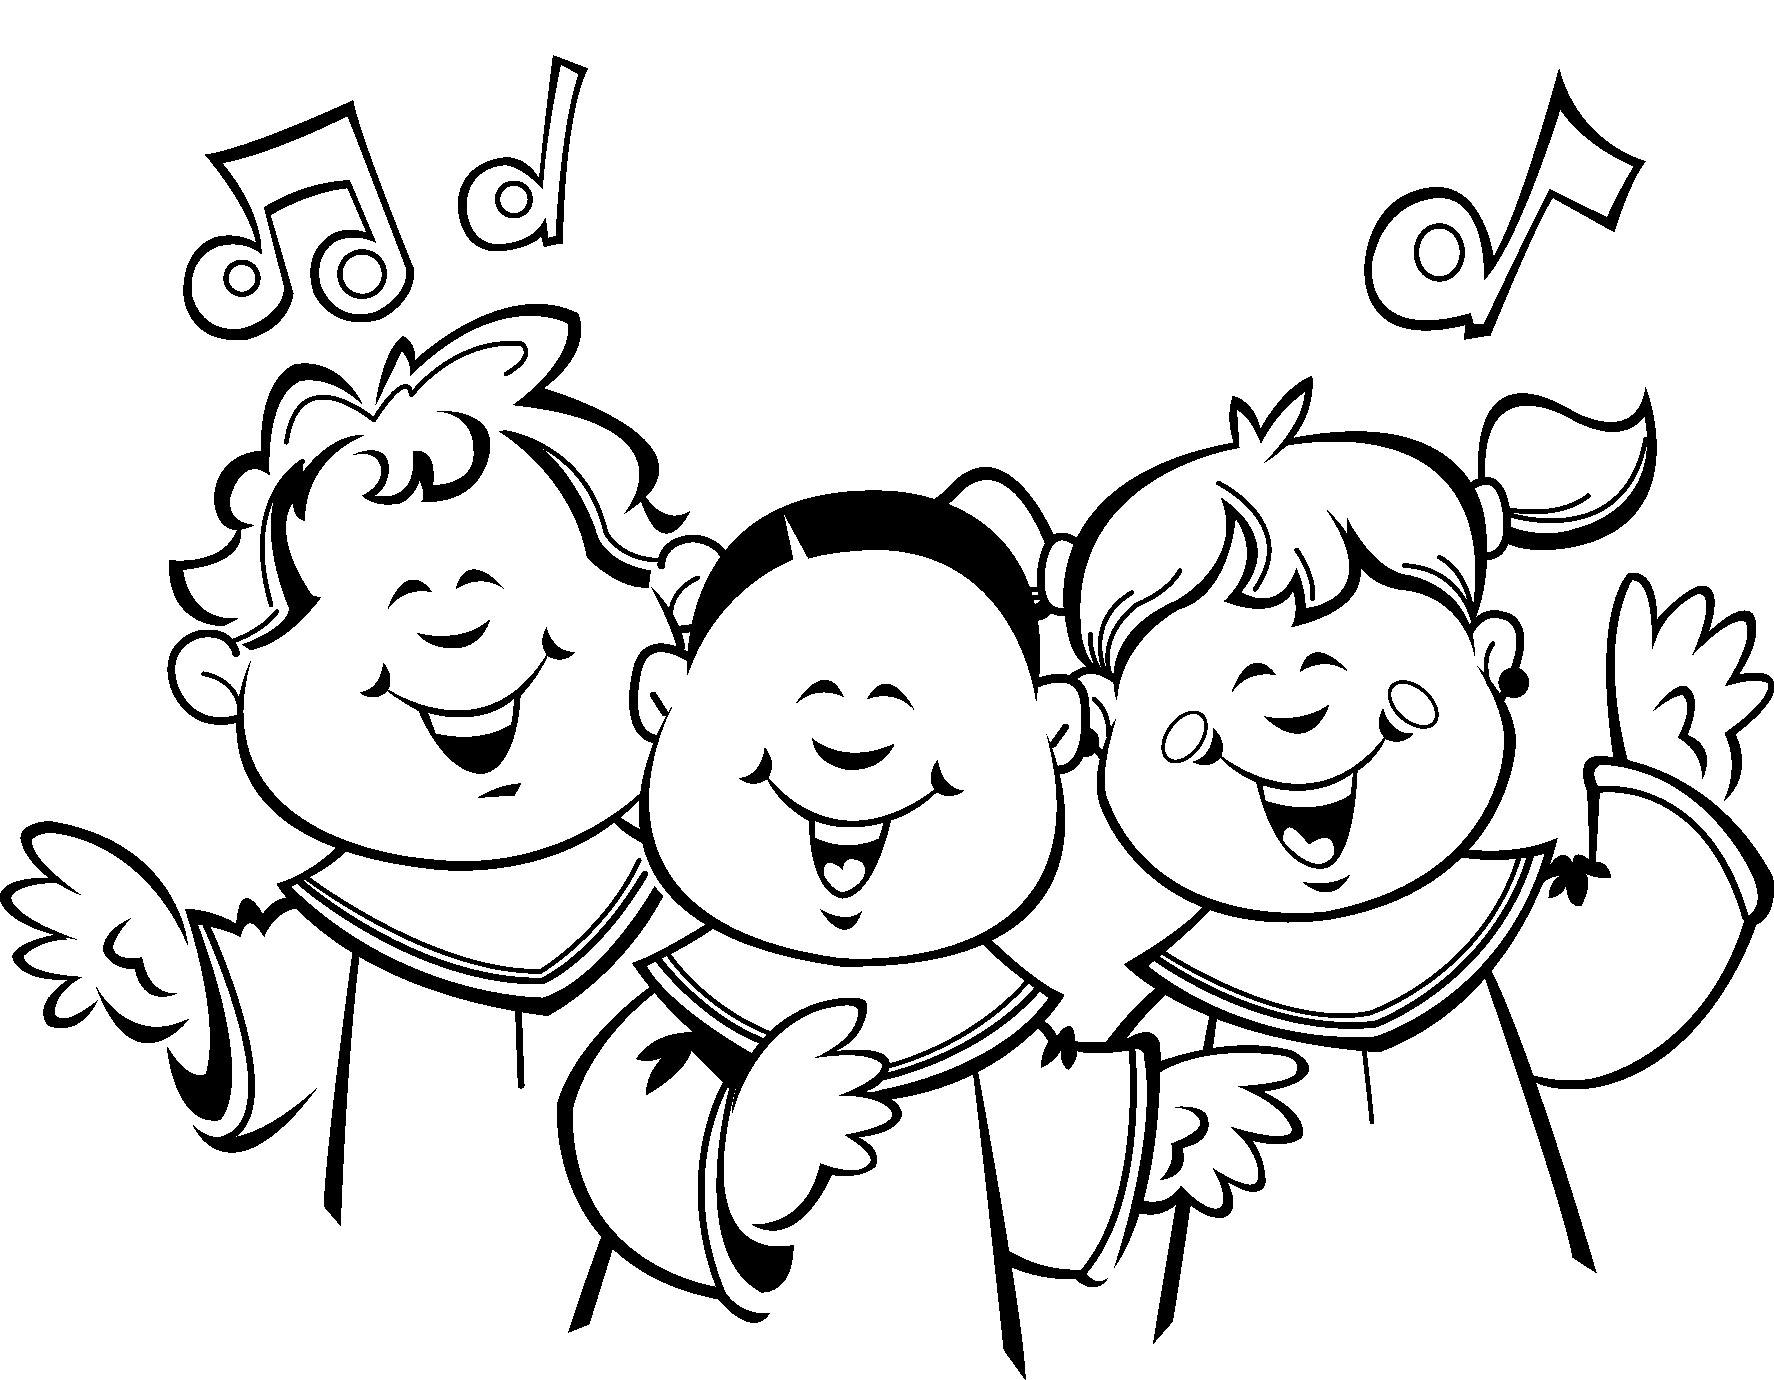 Children choir clip art. Chorus clipart black and white